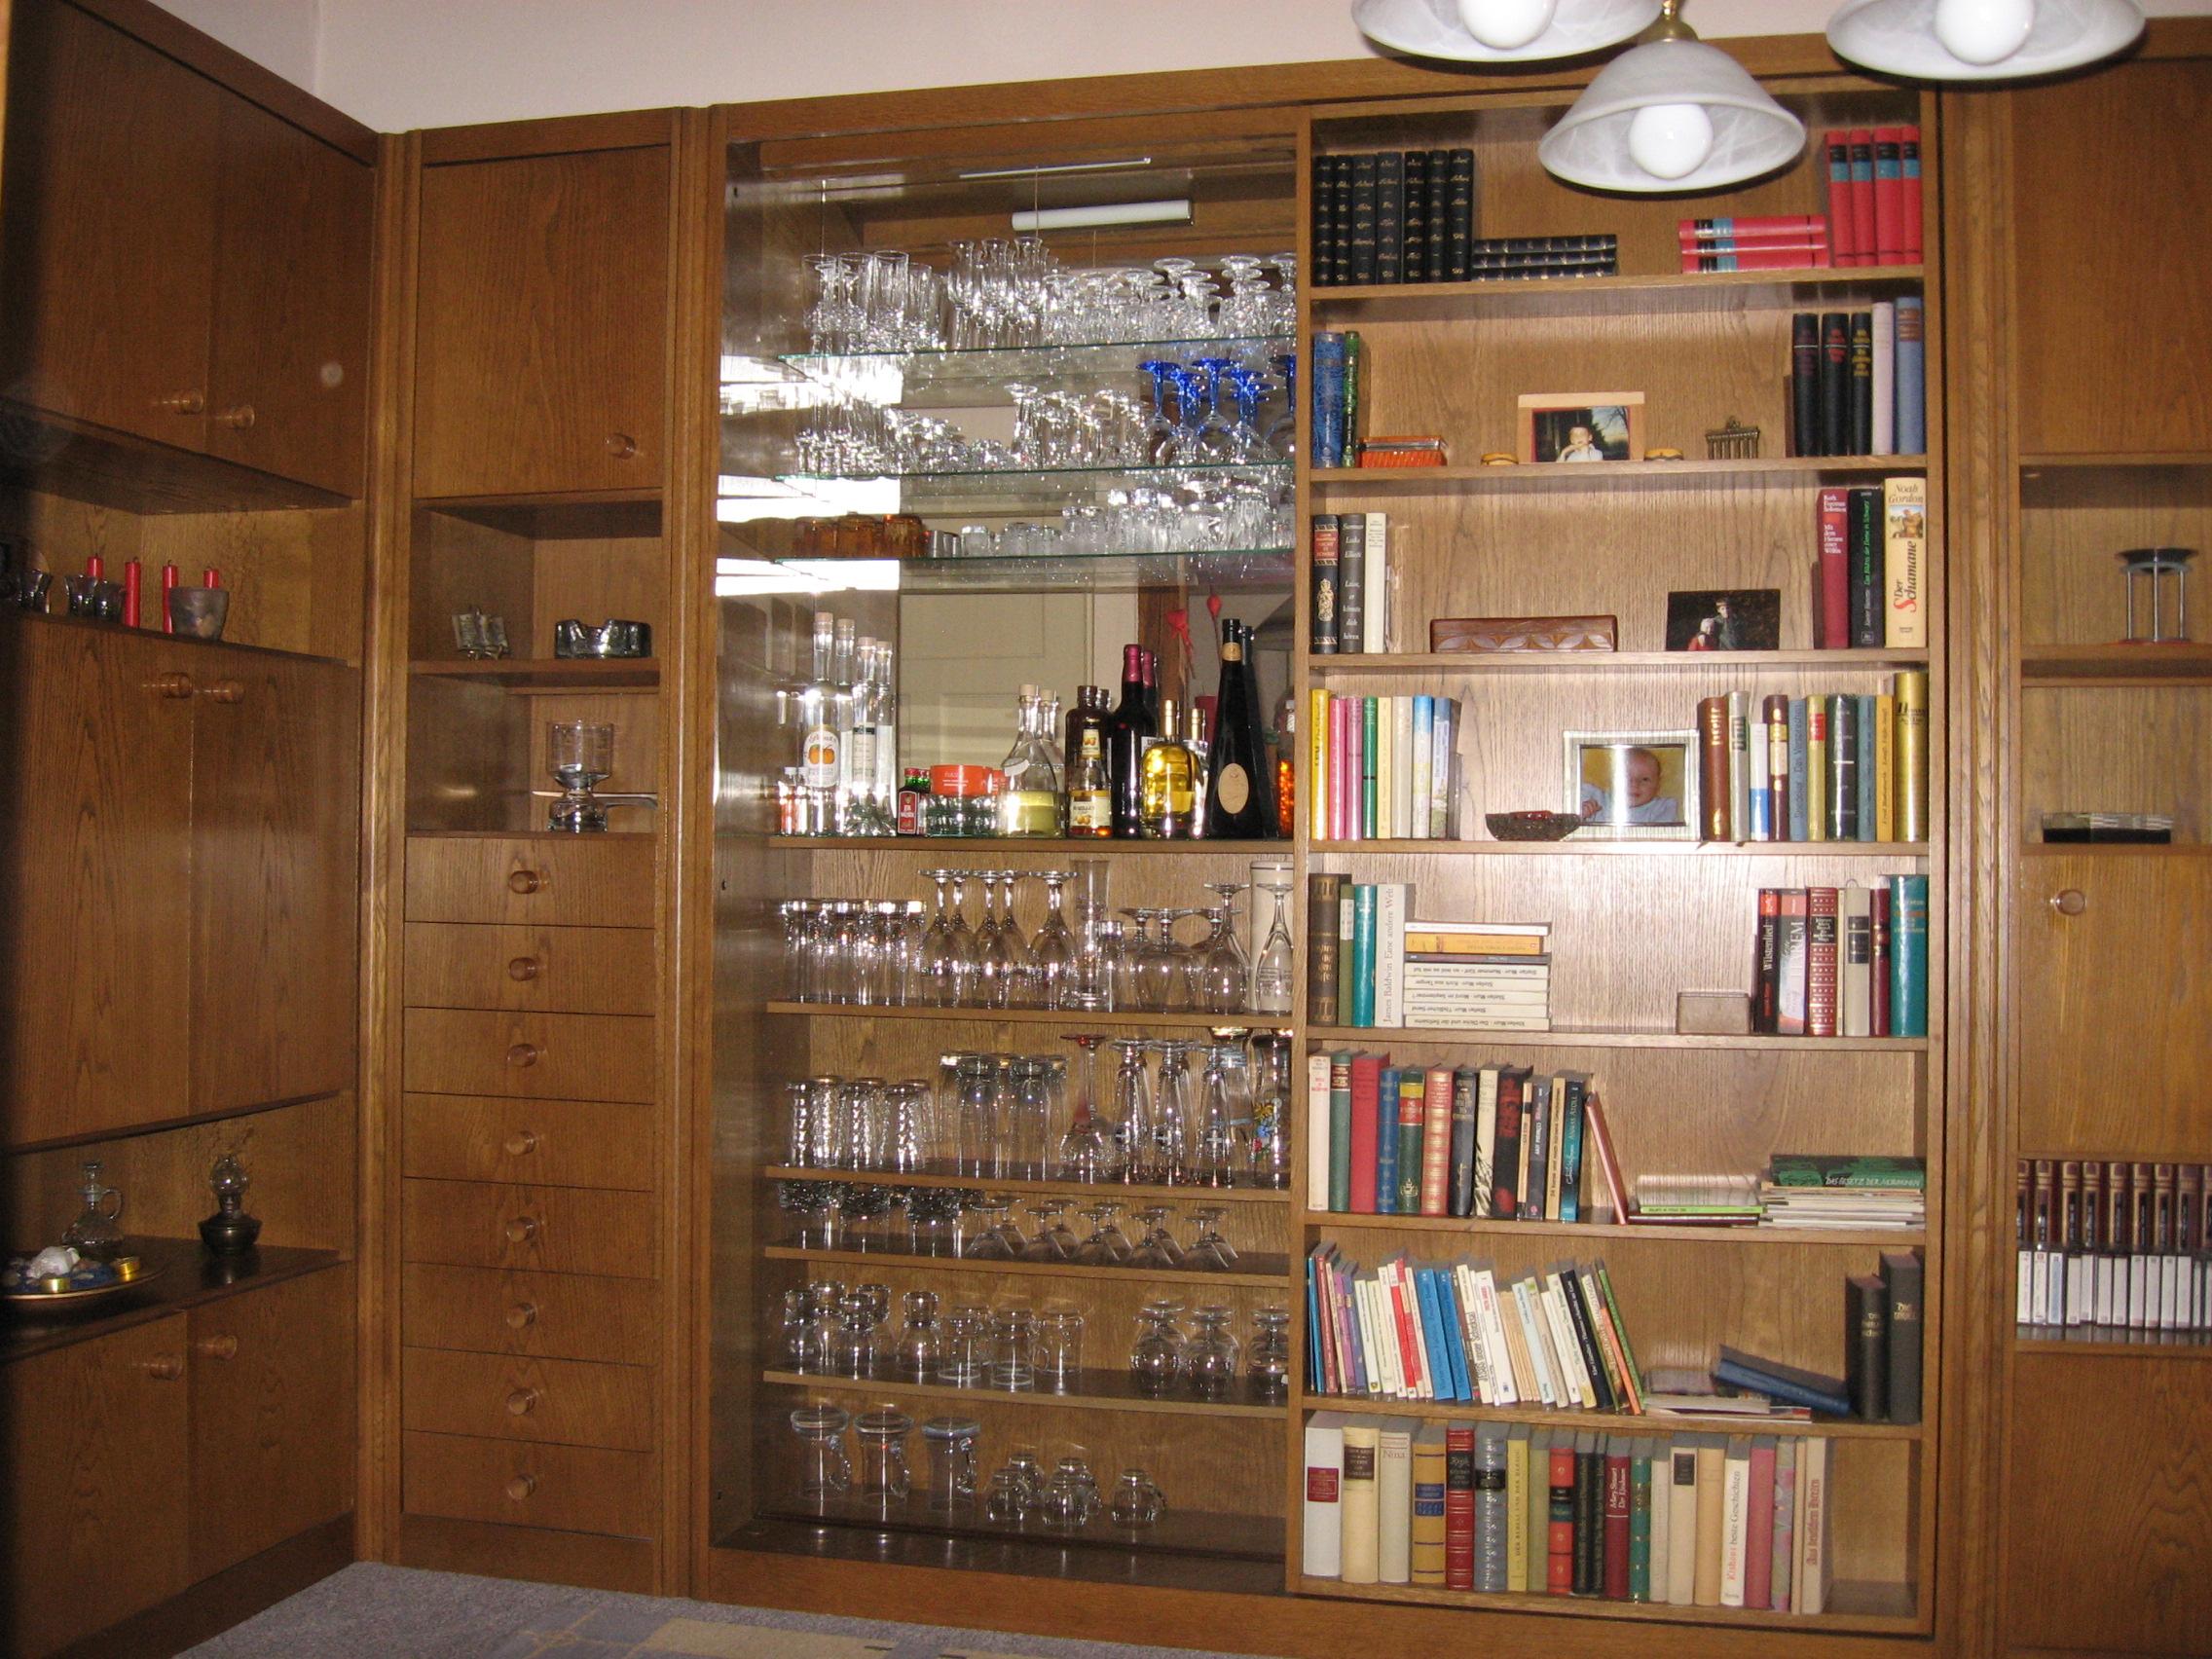 Ebay Kleinanzeigen Wohnzimmerschrank Design Home